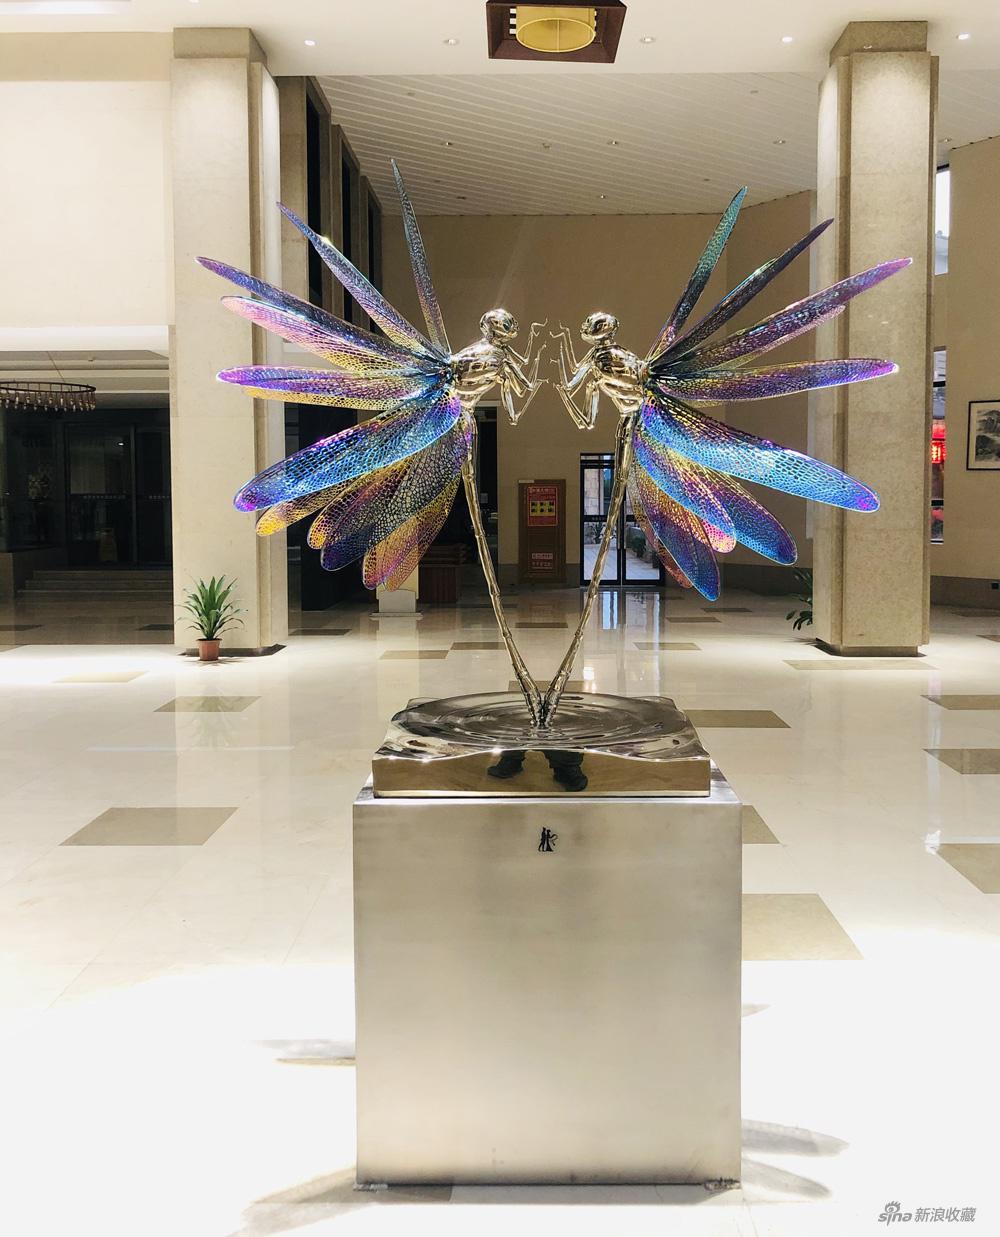 高孝午 再生-蜻蜓 不锈钢镀160x70x132cm 2020